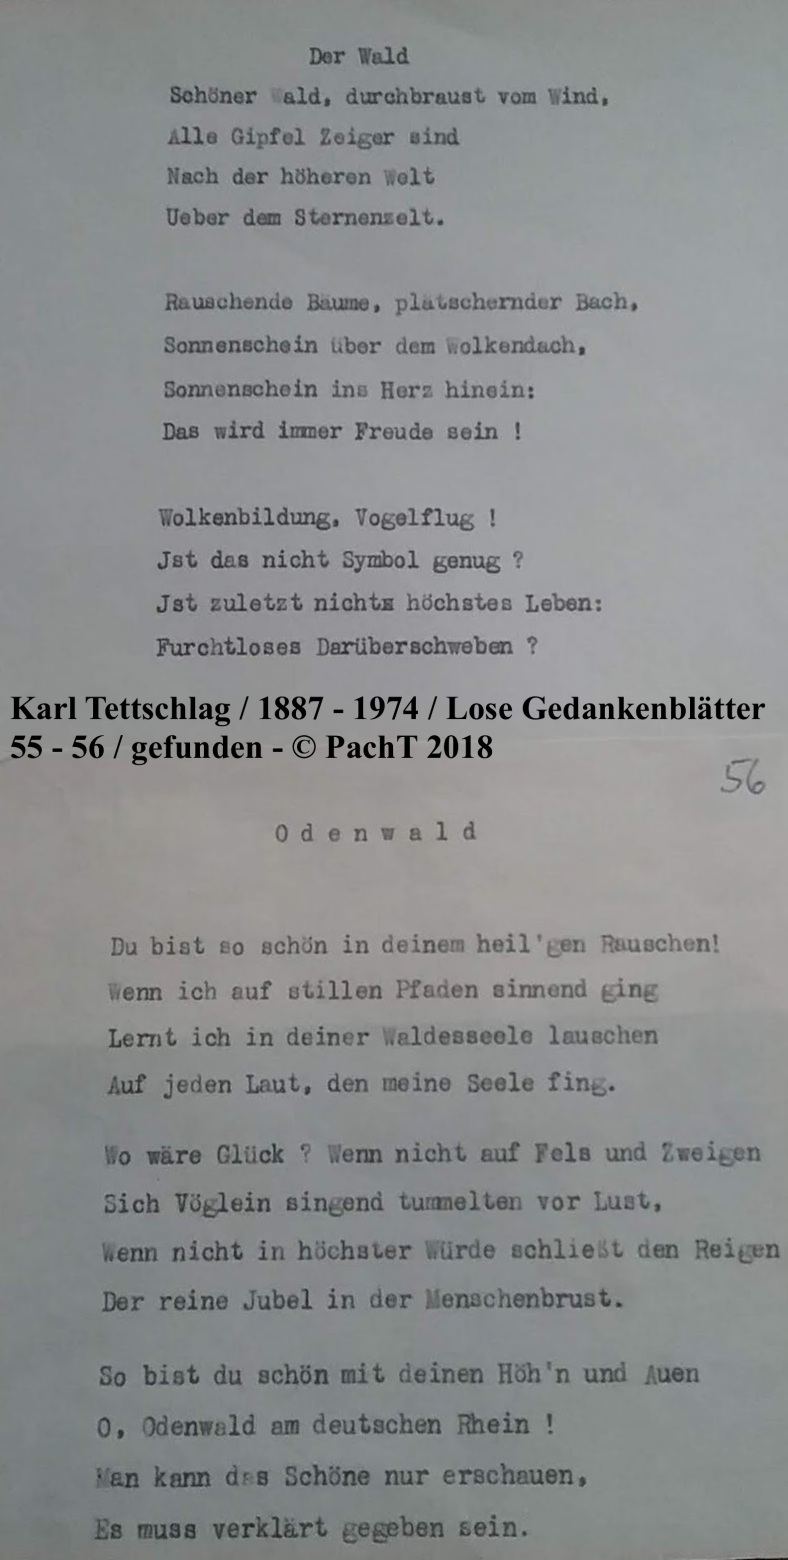 1887 - 1974 Erinnerungen an meinen Opa _ Lose GedankenBlätter 55 - 56